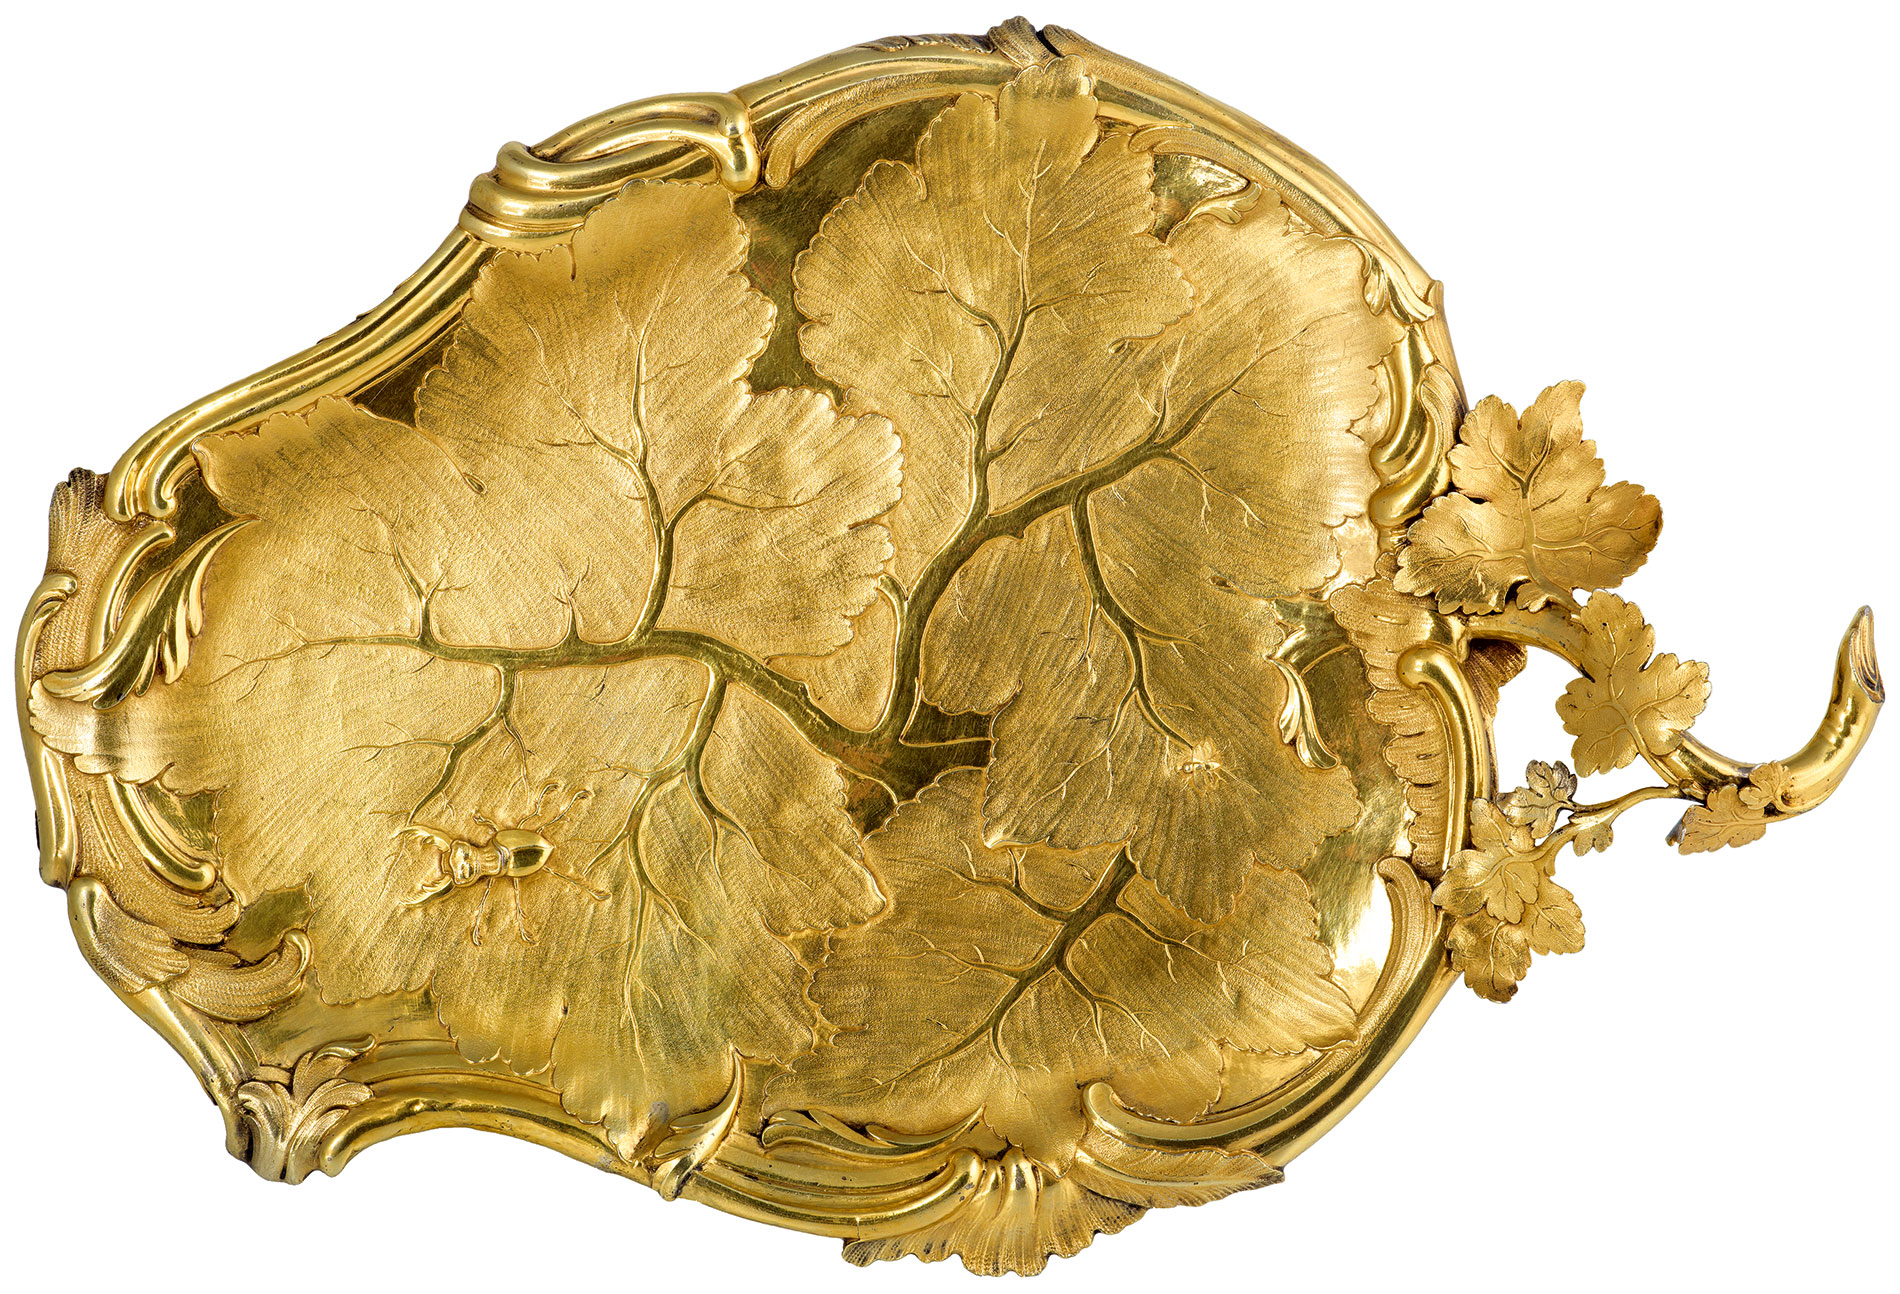 Christian Lieberkühn d.J., Zwei vergoldete Silbertabletts, um 1750, 37,5×25,5 cm; Stiftung Preußische Schlösser und Gärten Berlin-Brandenburg, Potsdam